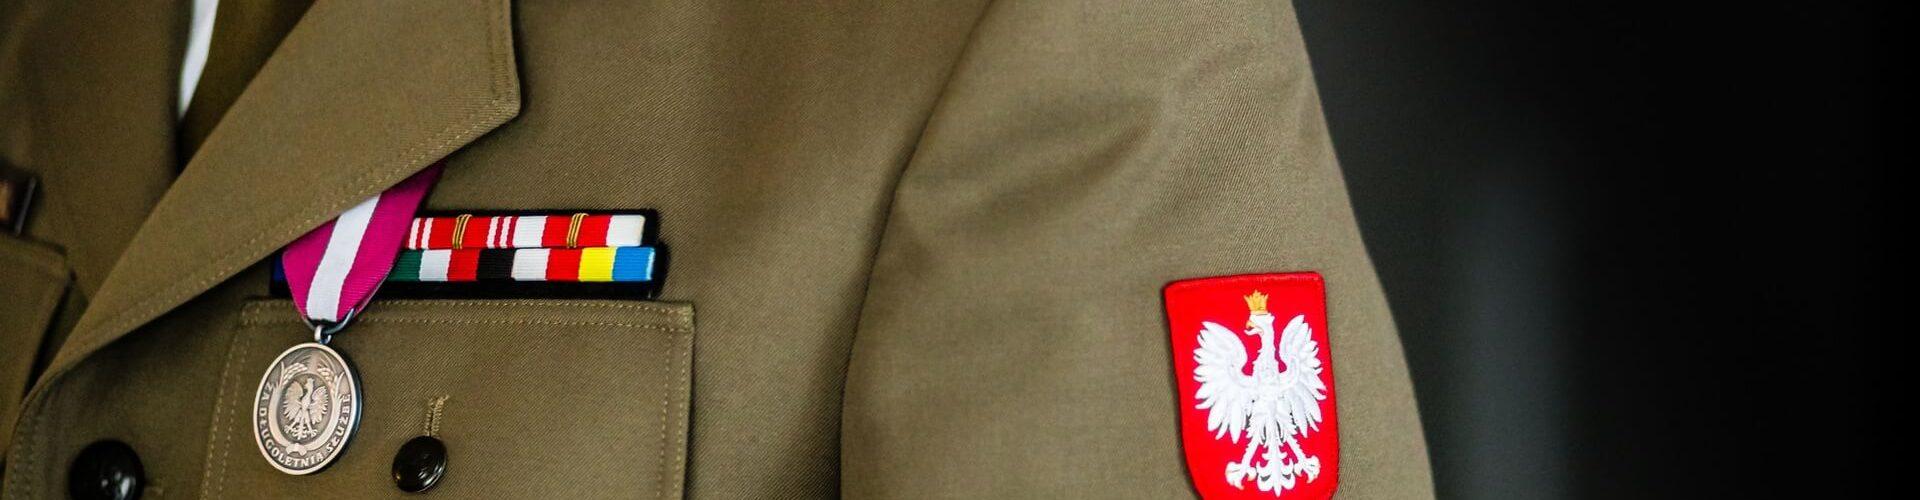 Wehrdienst, Zivildienst: Uniform Militär